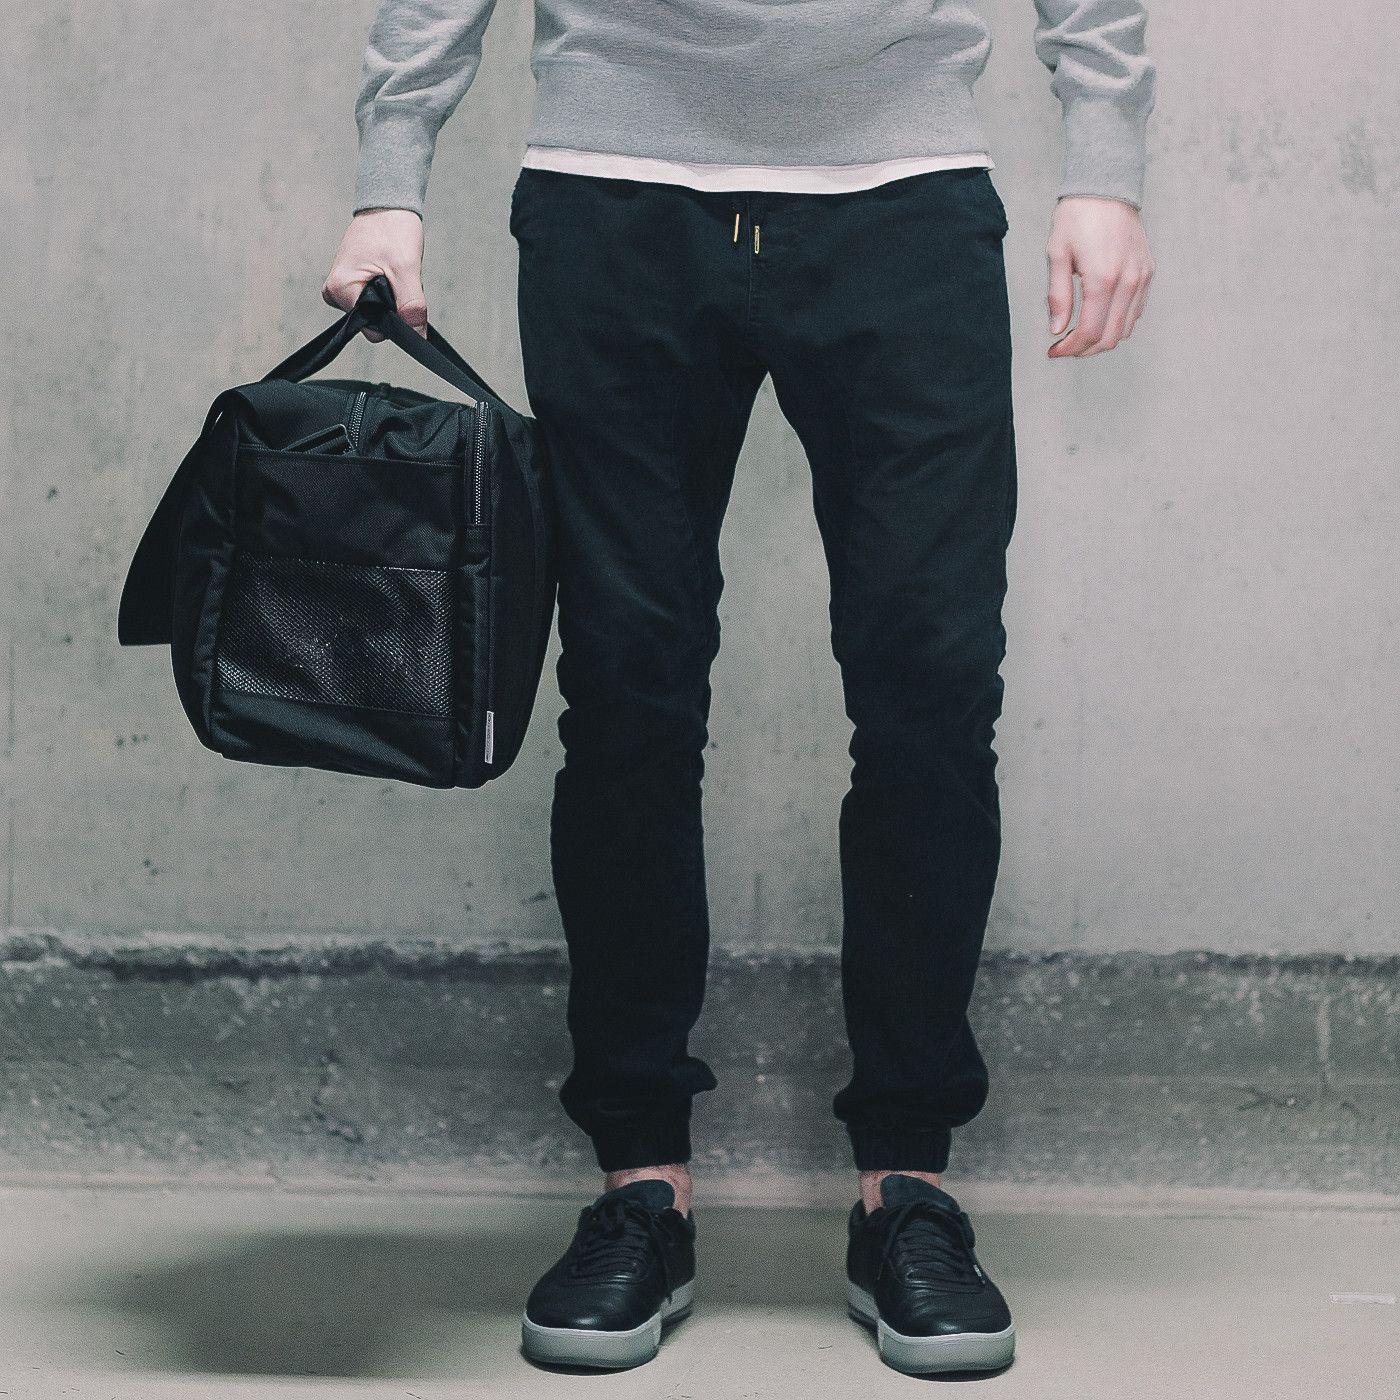 93d6723a94 Dsptch Gym Work Bag - Black